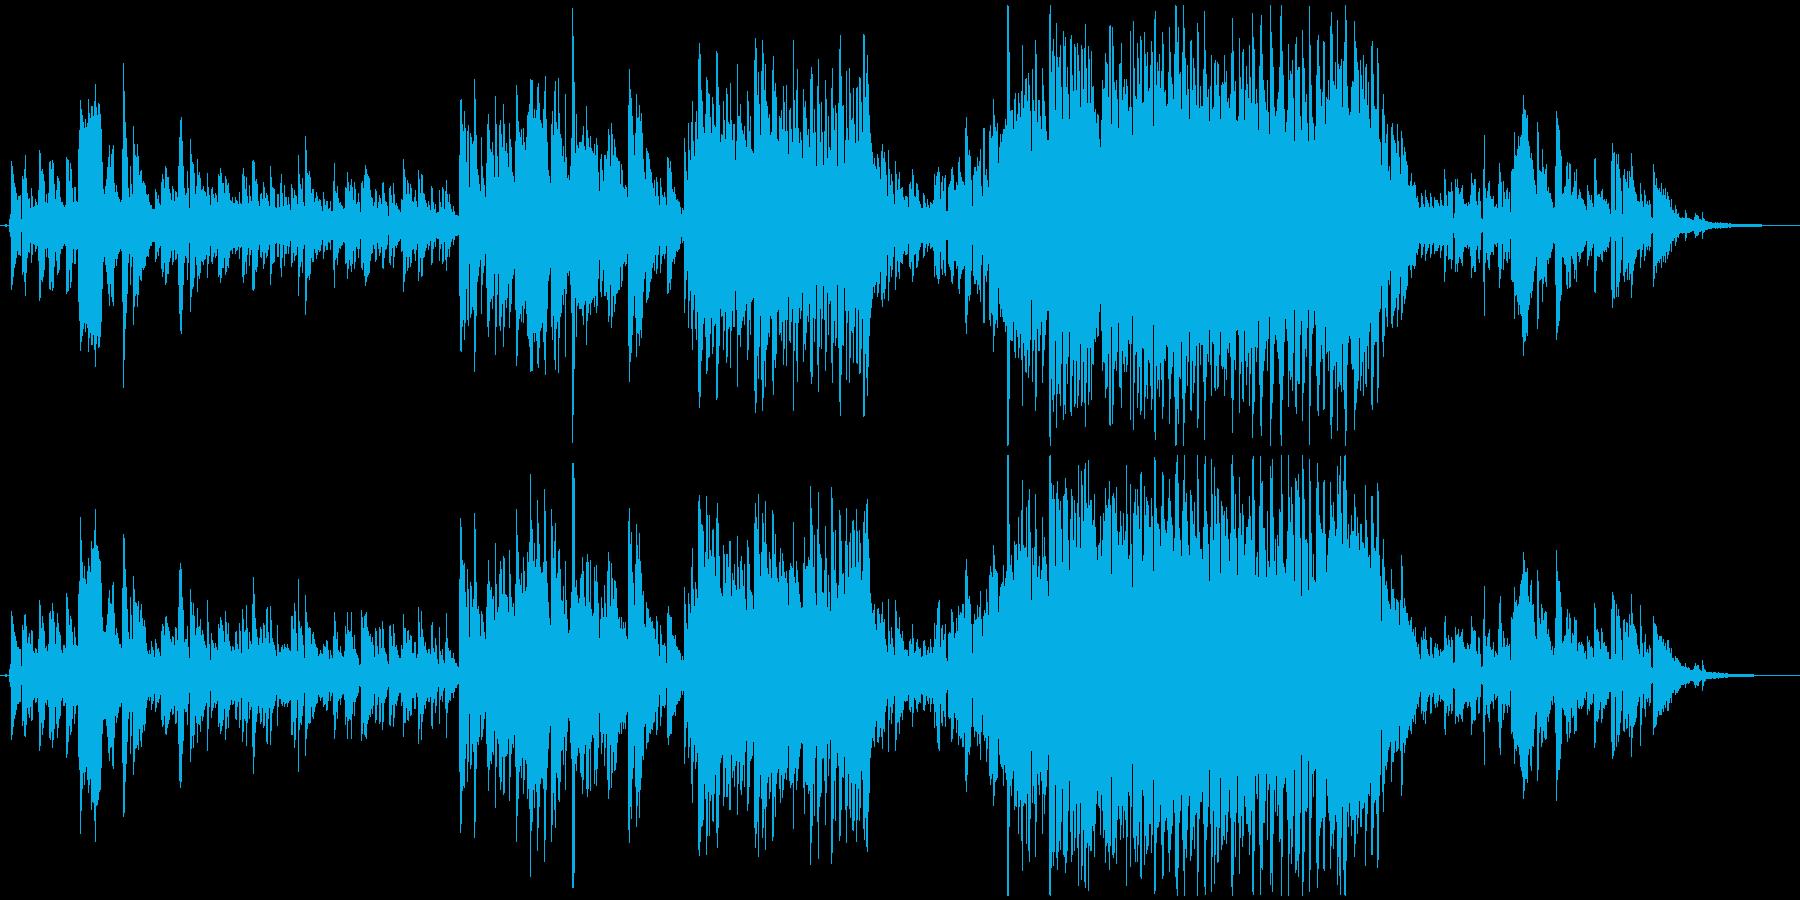 ピアノと歌声が印象的な詞を素敵に奏でますの再生済みの波形